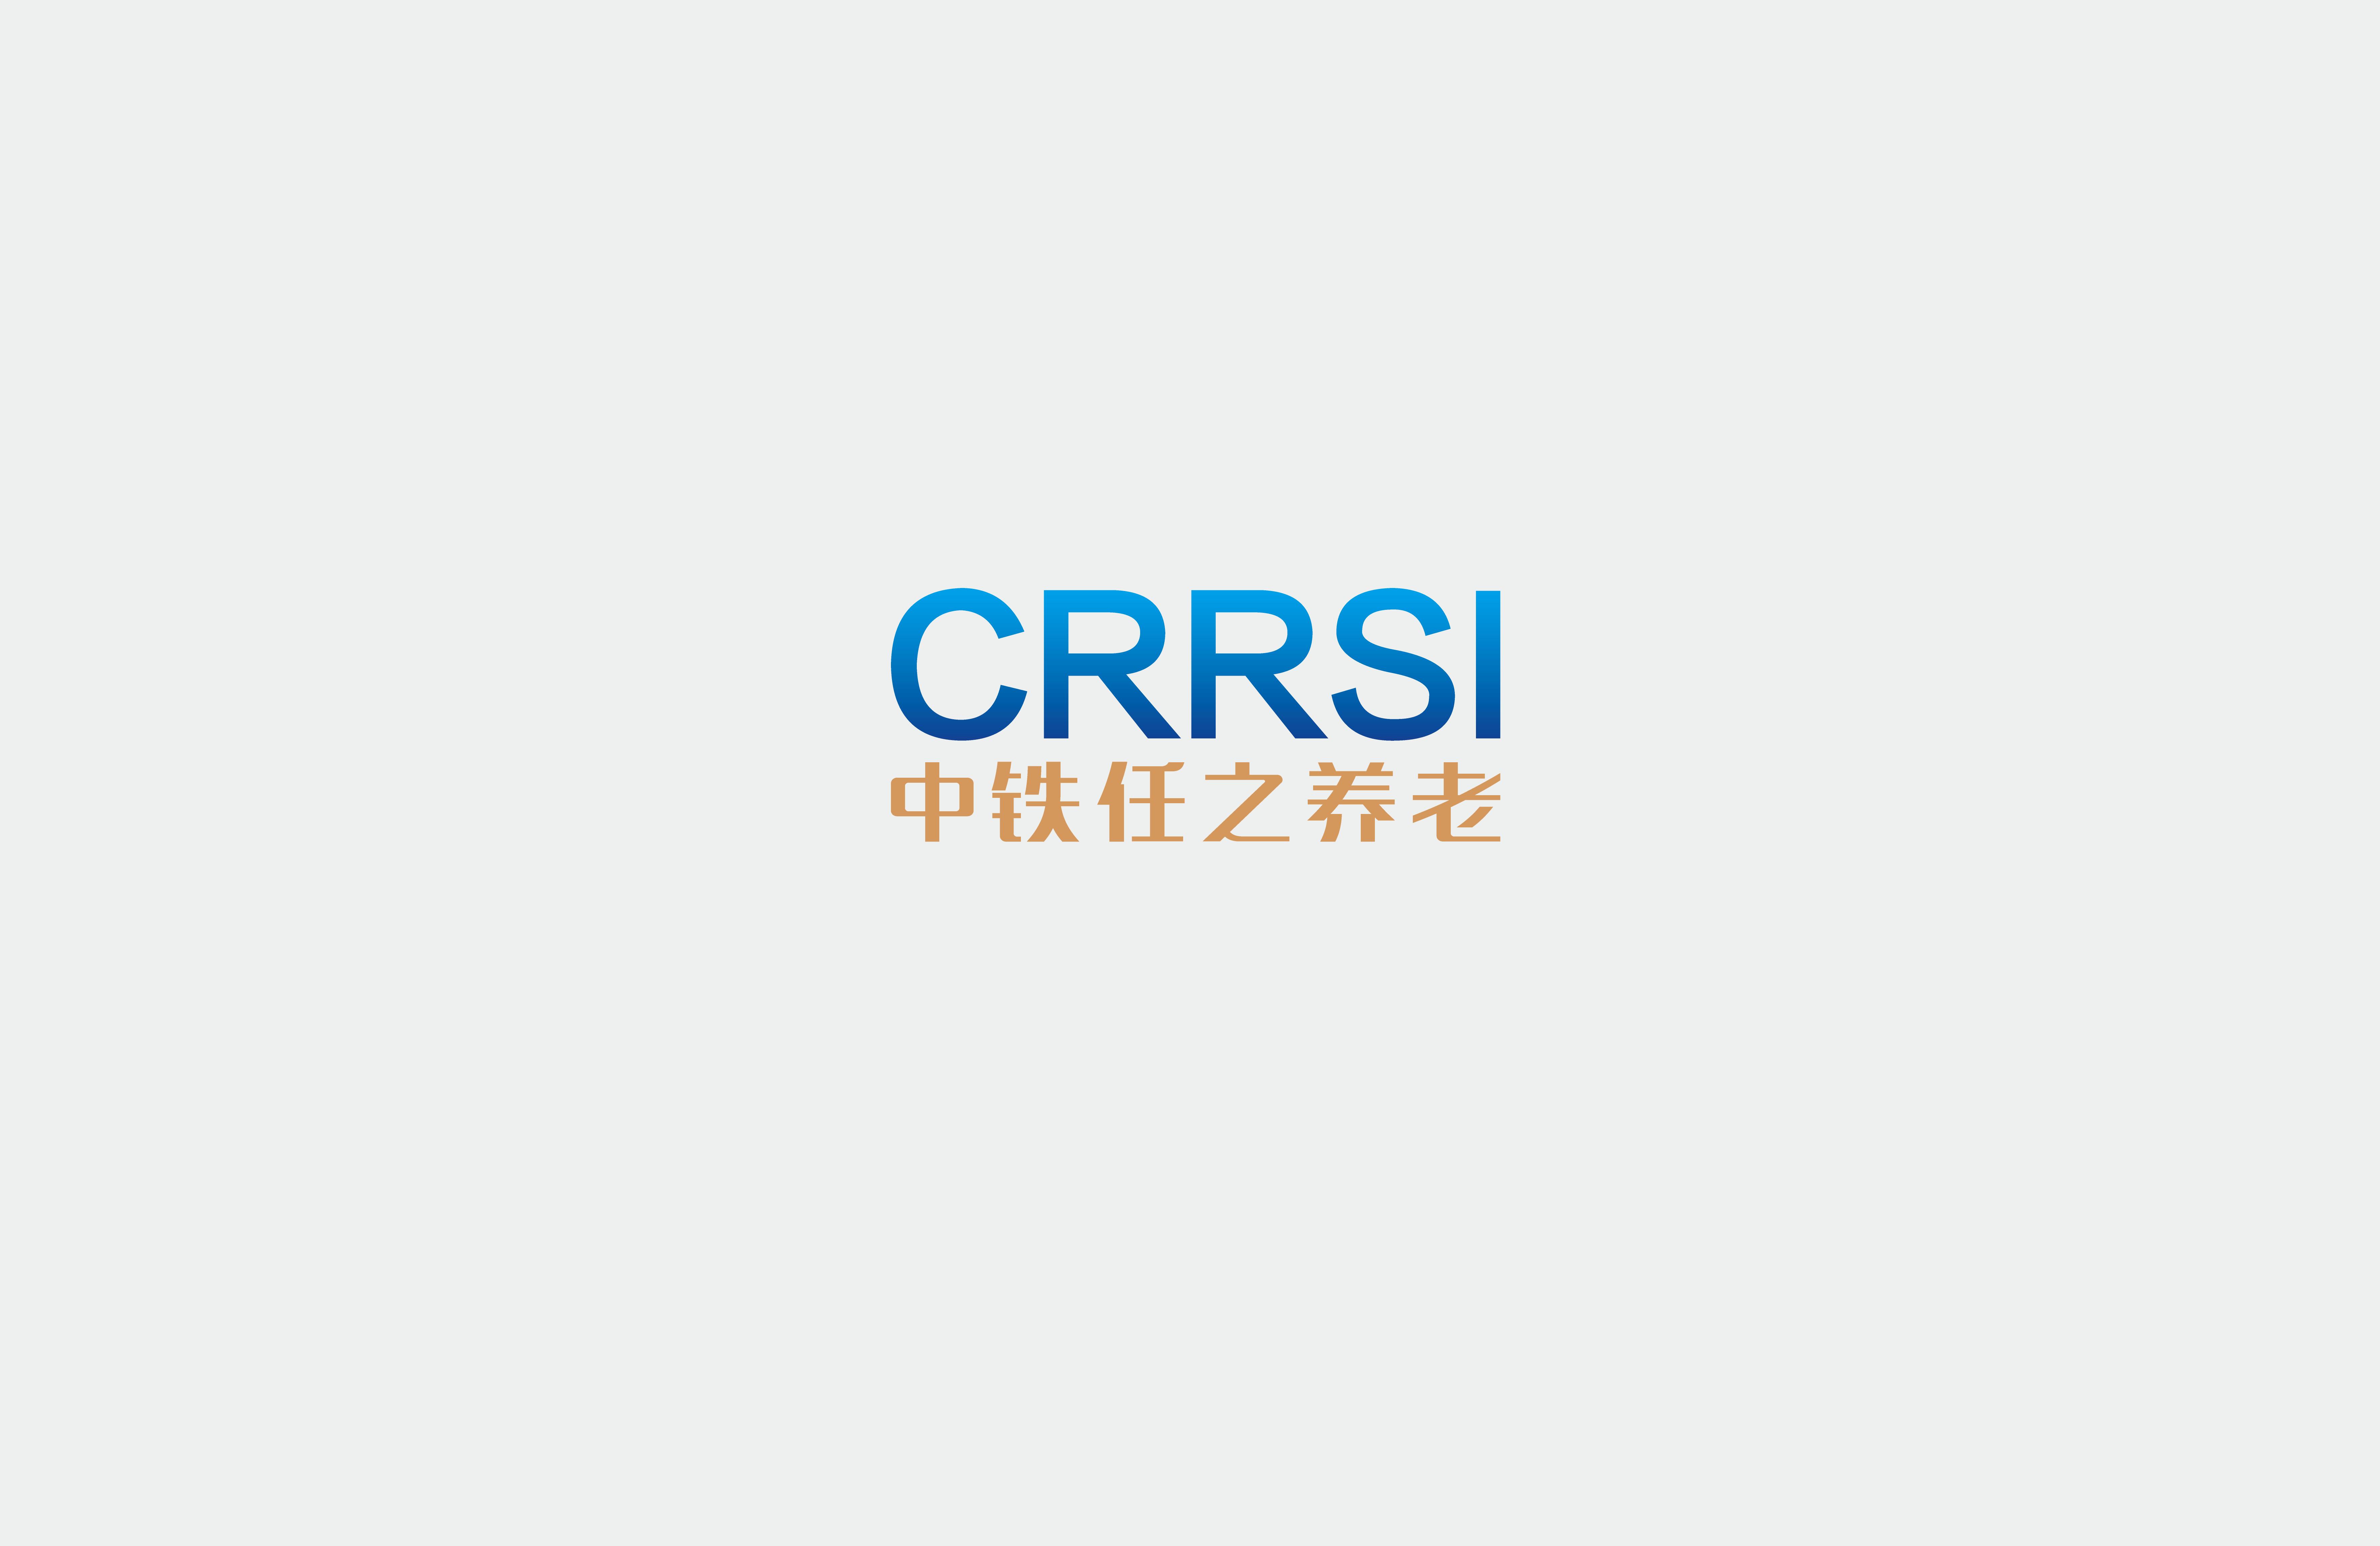 重庆中铁任之养老产业有限公司